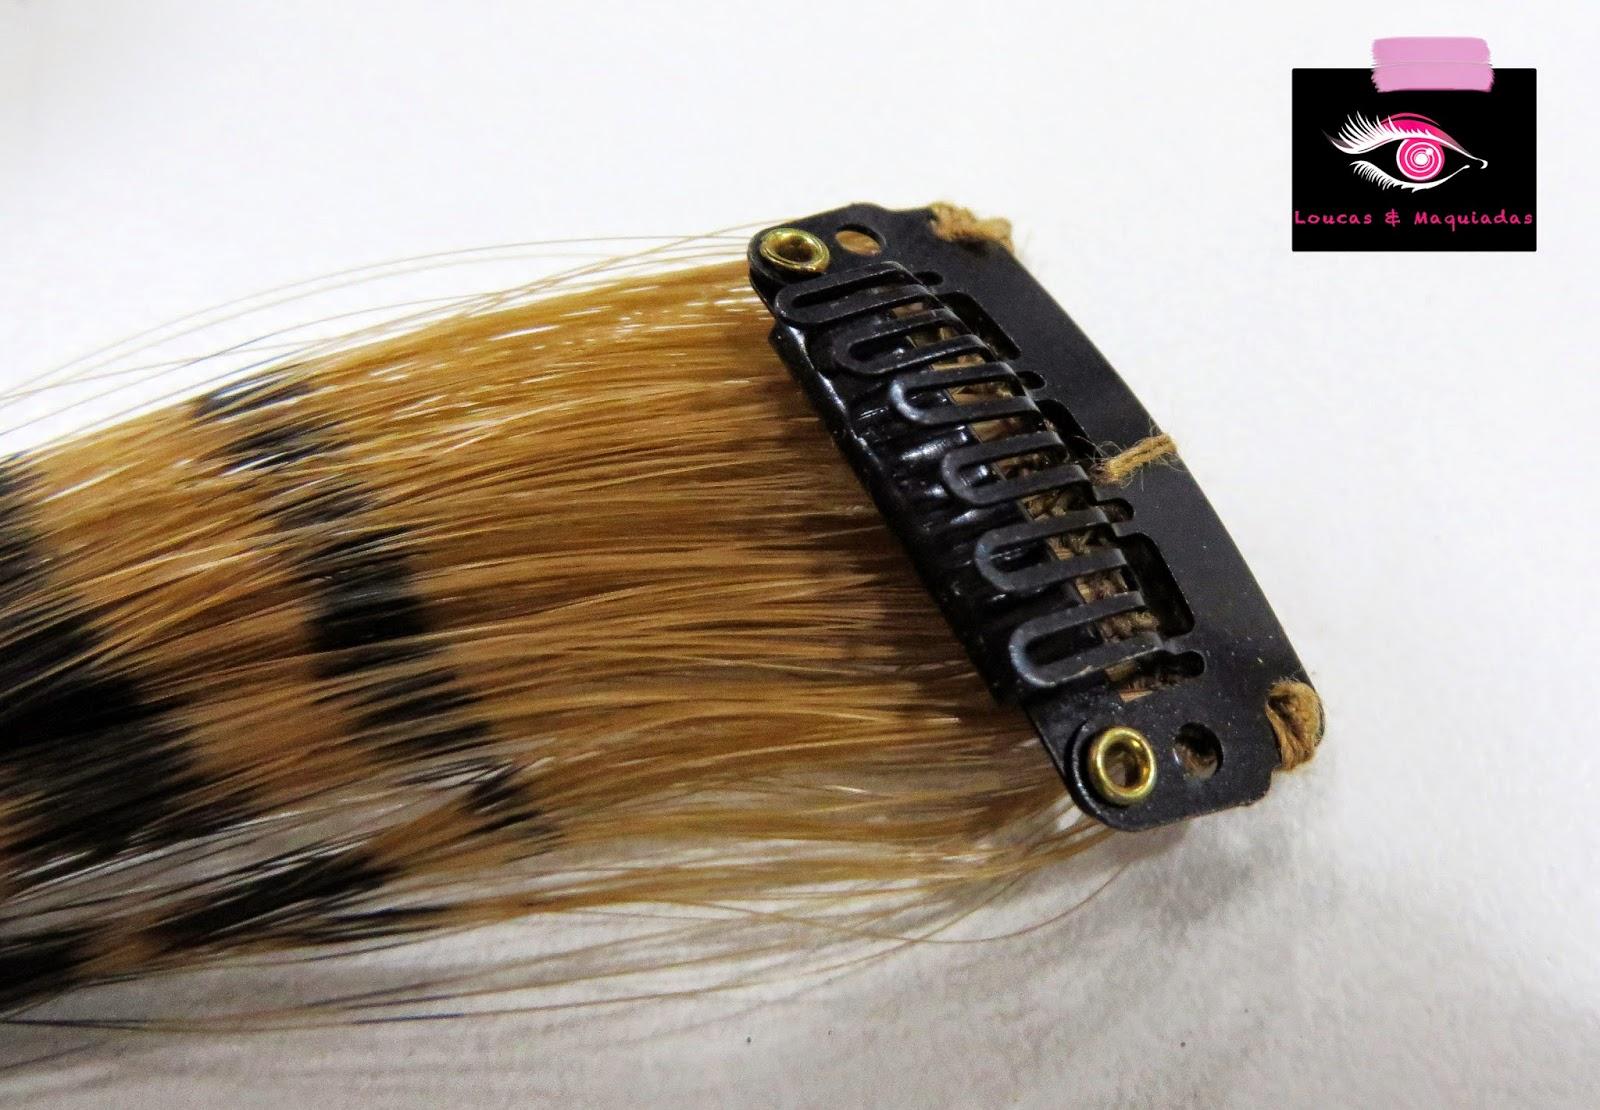 cf17a3f4c3b6e Cada aplique tem 40 cm e aceita calor de até 180º, assim, quem gosta de  modelar os cabelos, pode modelar o aplique para seguir a estrutura dos seus  fios ...